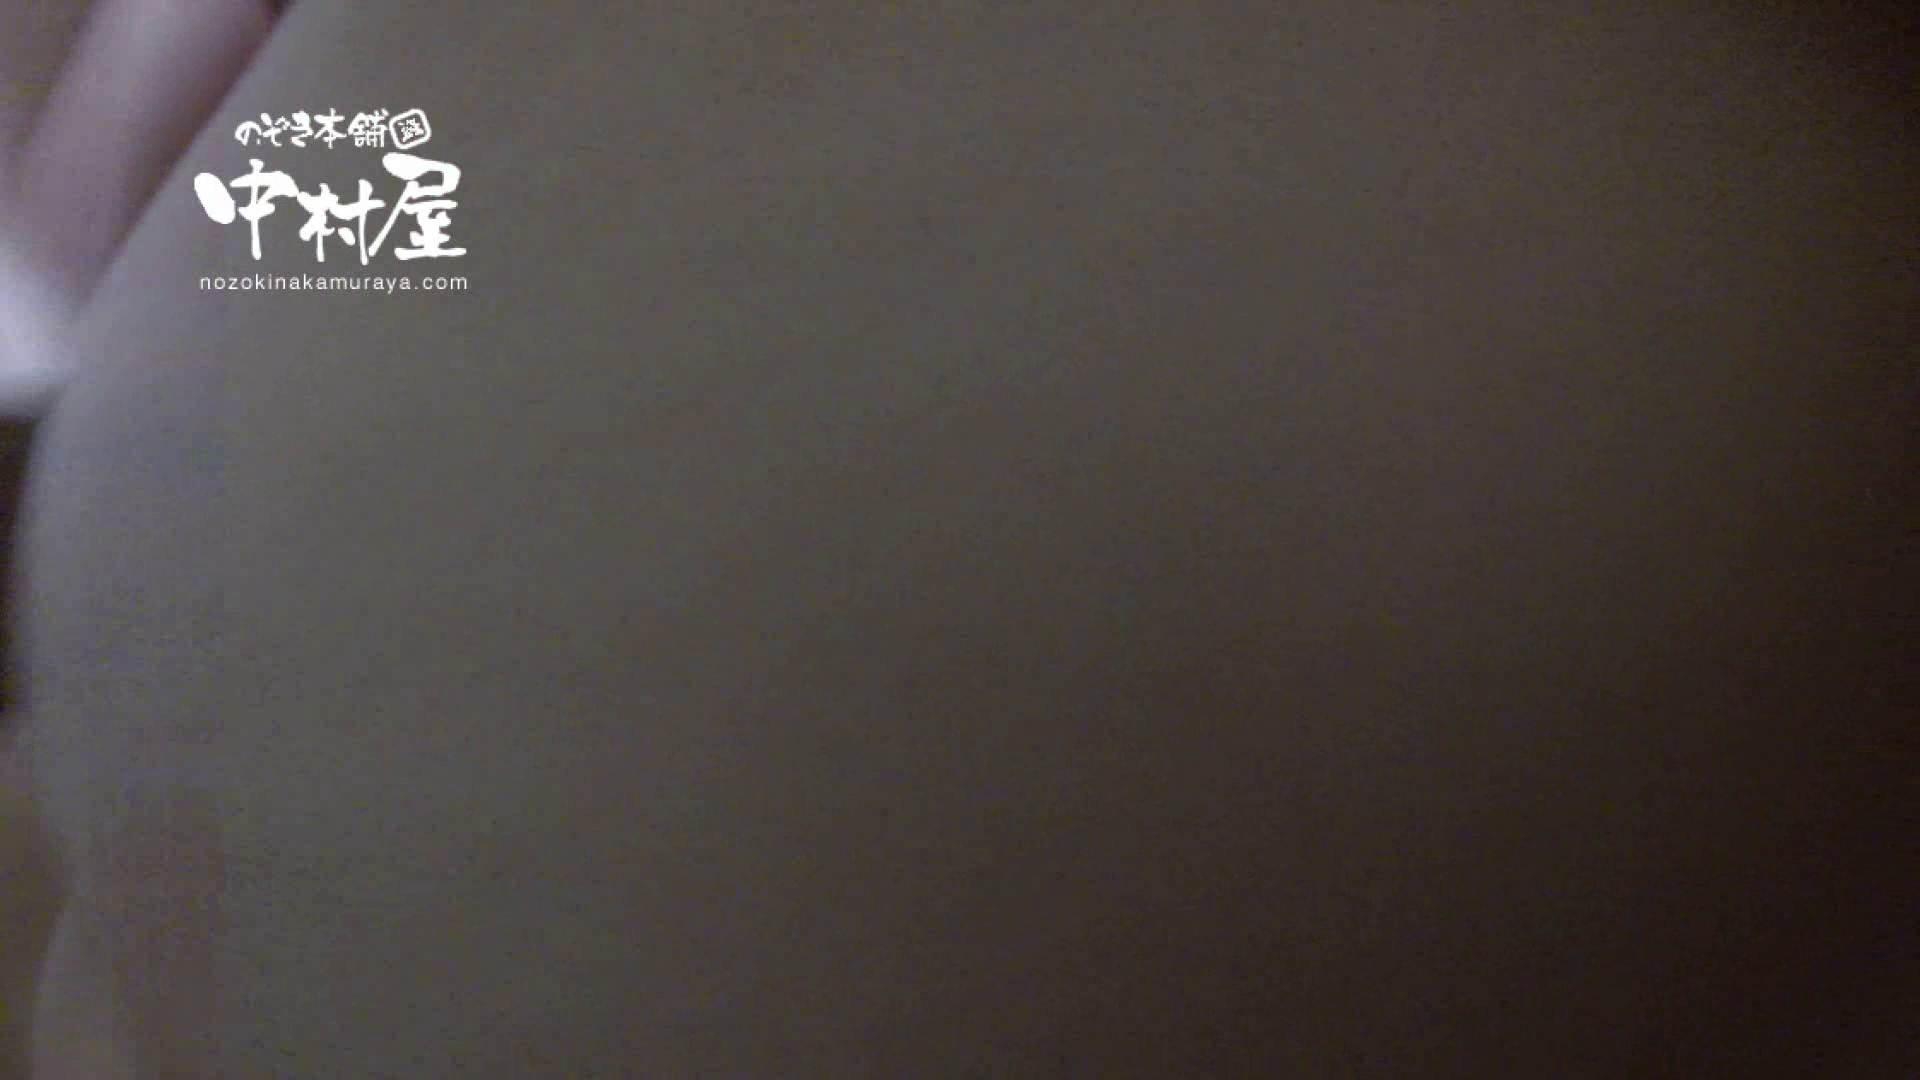 鬼畜 vol.12 剥ぎ取ったら色白でゴウモウだった 後編 OLセックス  86画像 28